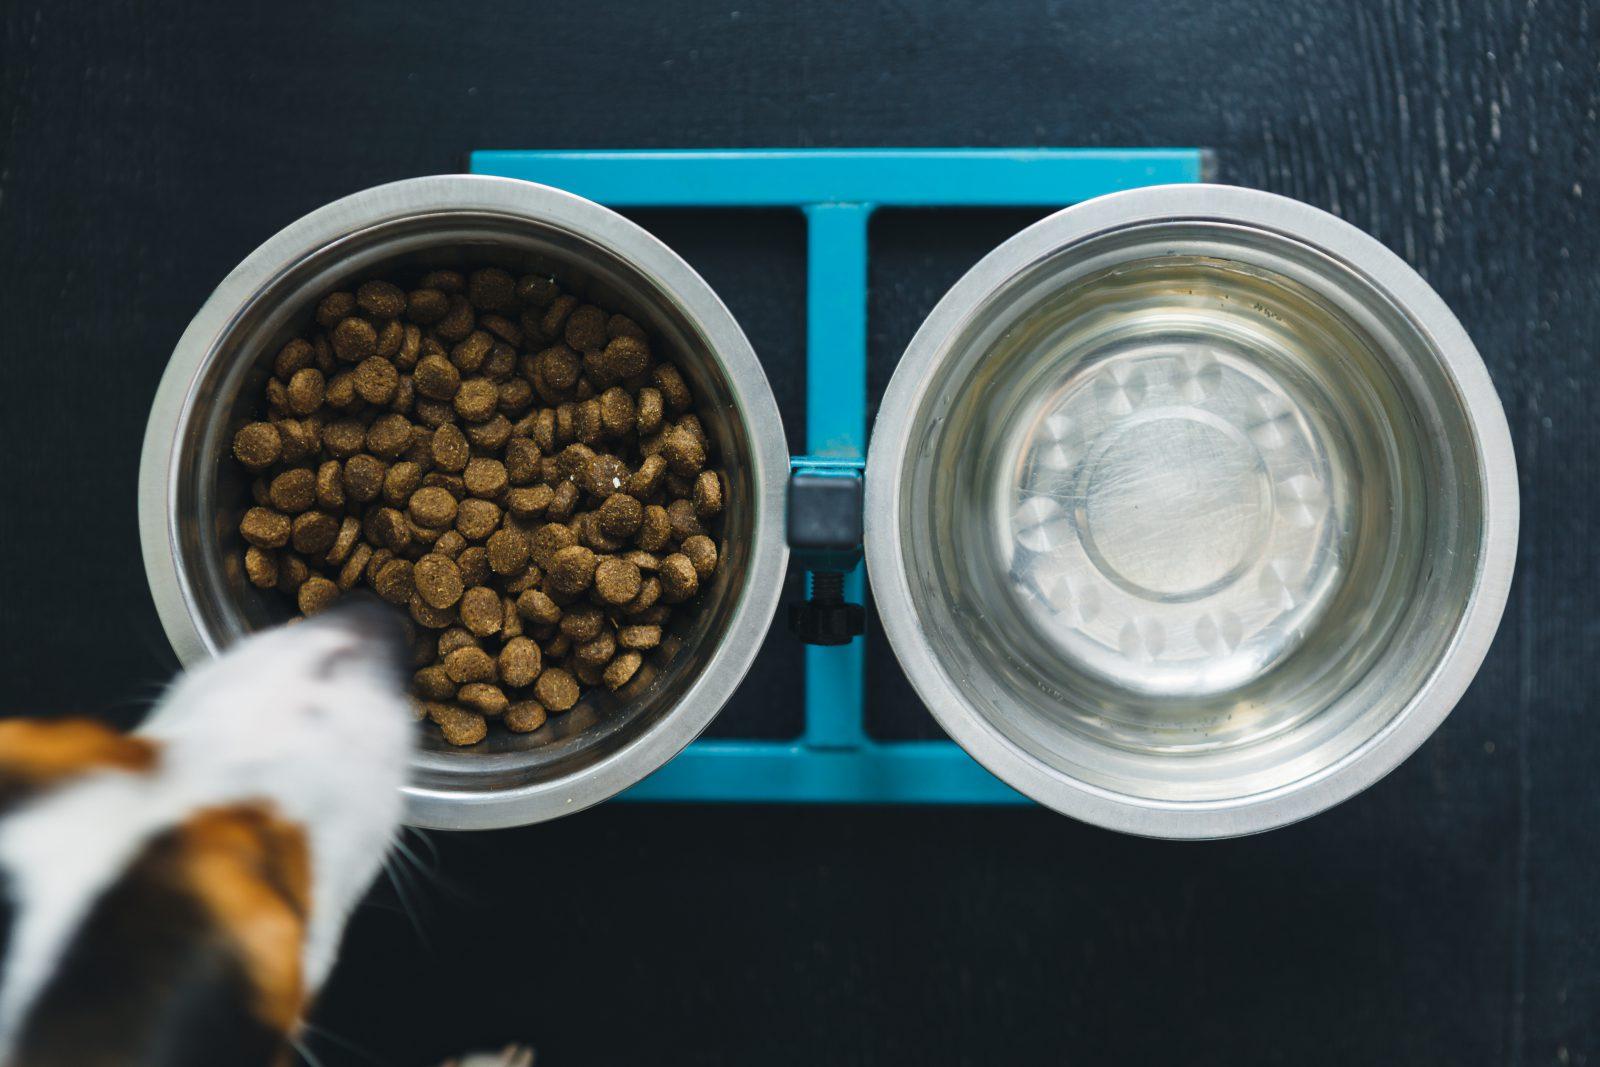 Ração para cachorro: cachorro adulto se alimentando de ração seca.